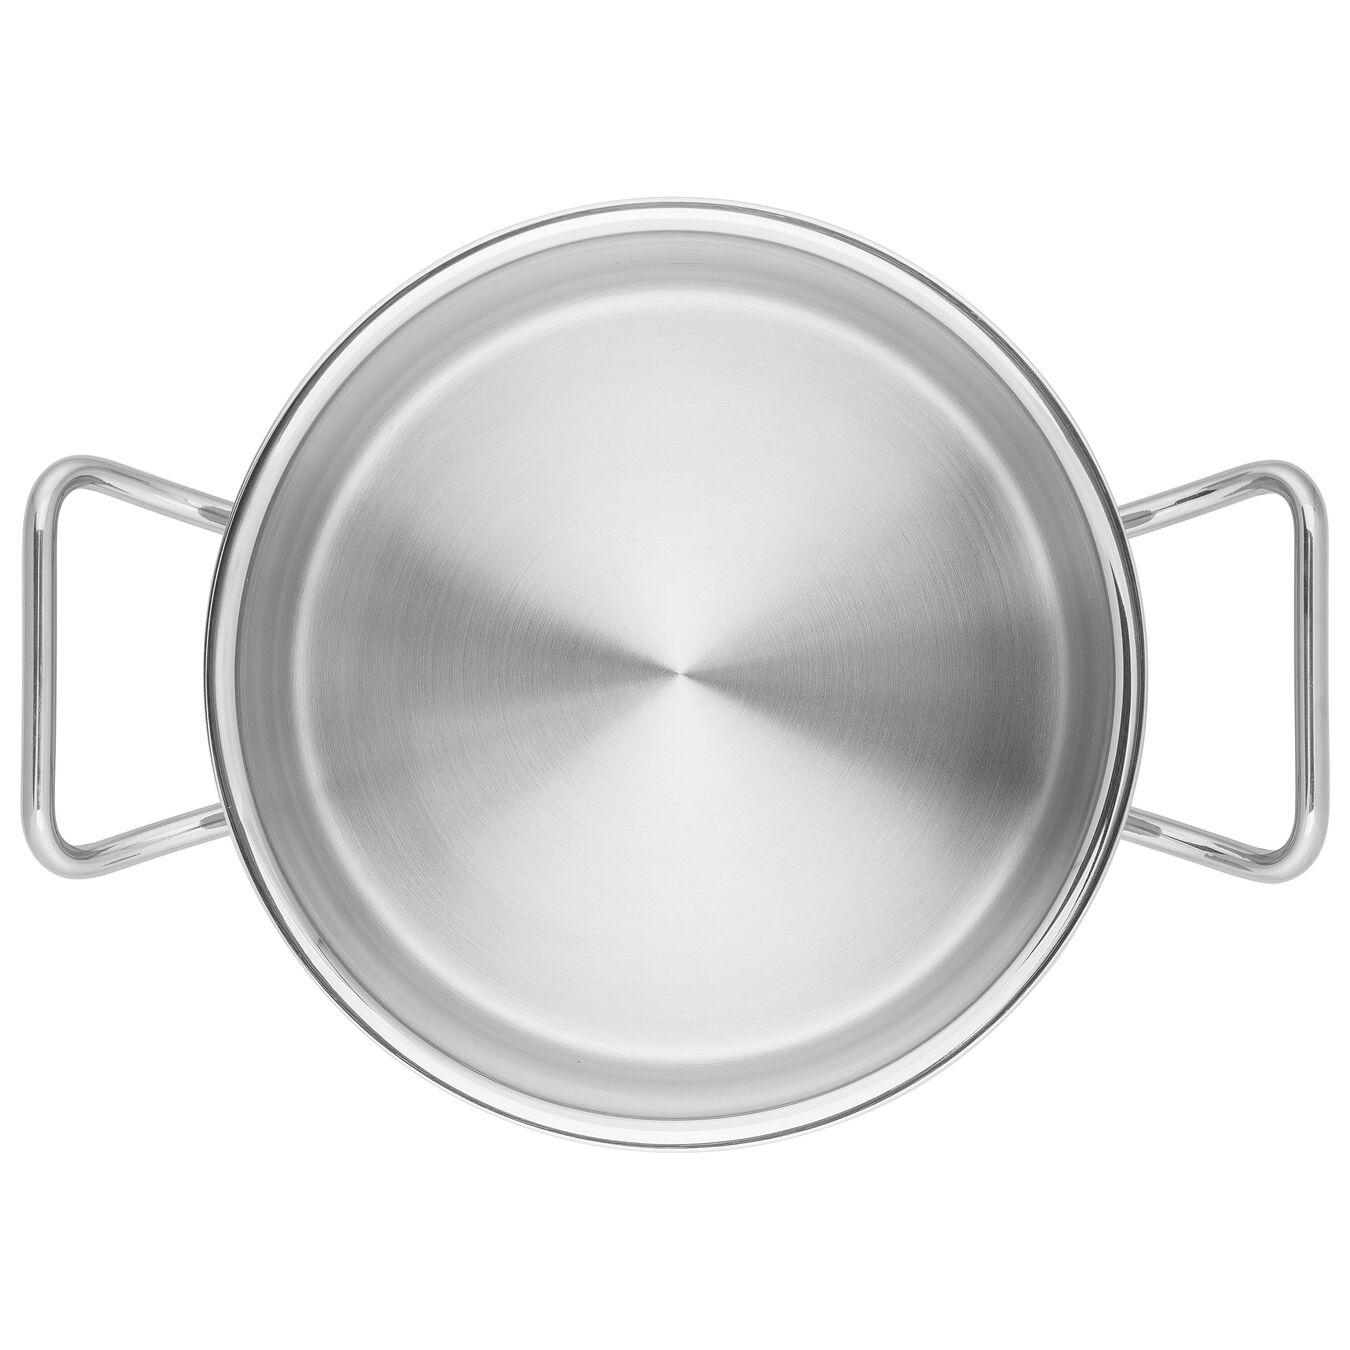 Derin Tencere | 18/10 Paslanmaz Çelik | 24 cm,,large 6